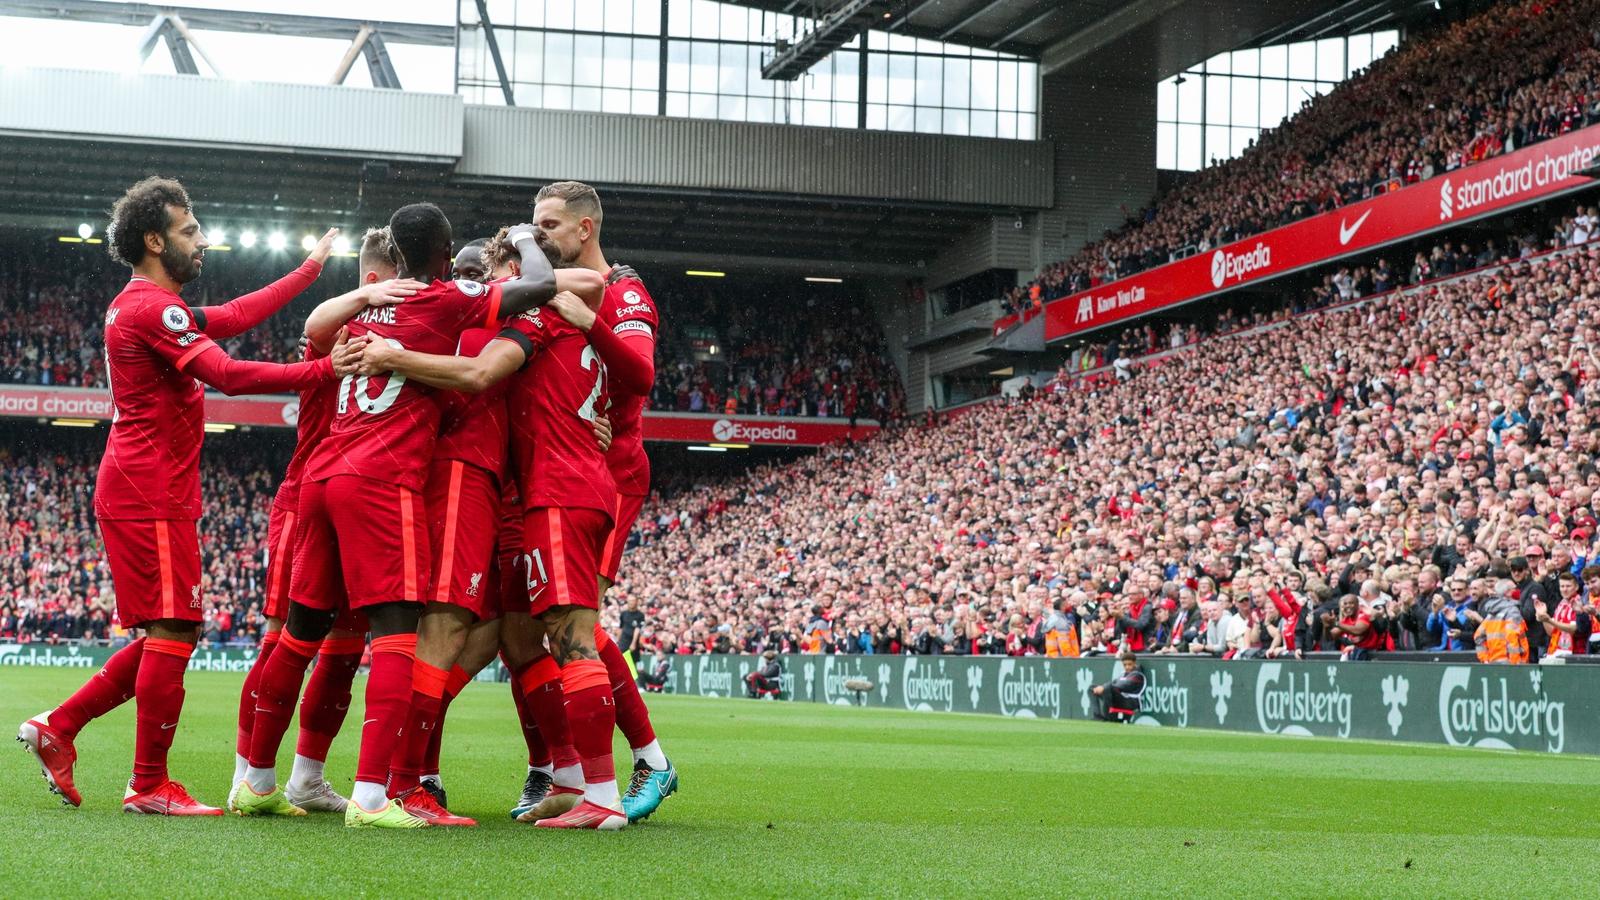 Premier League recap: Liverpool 2-0 Burnley - RTE.ie